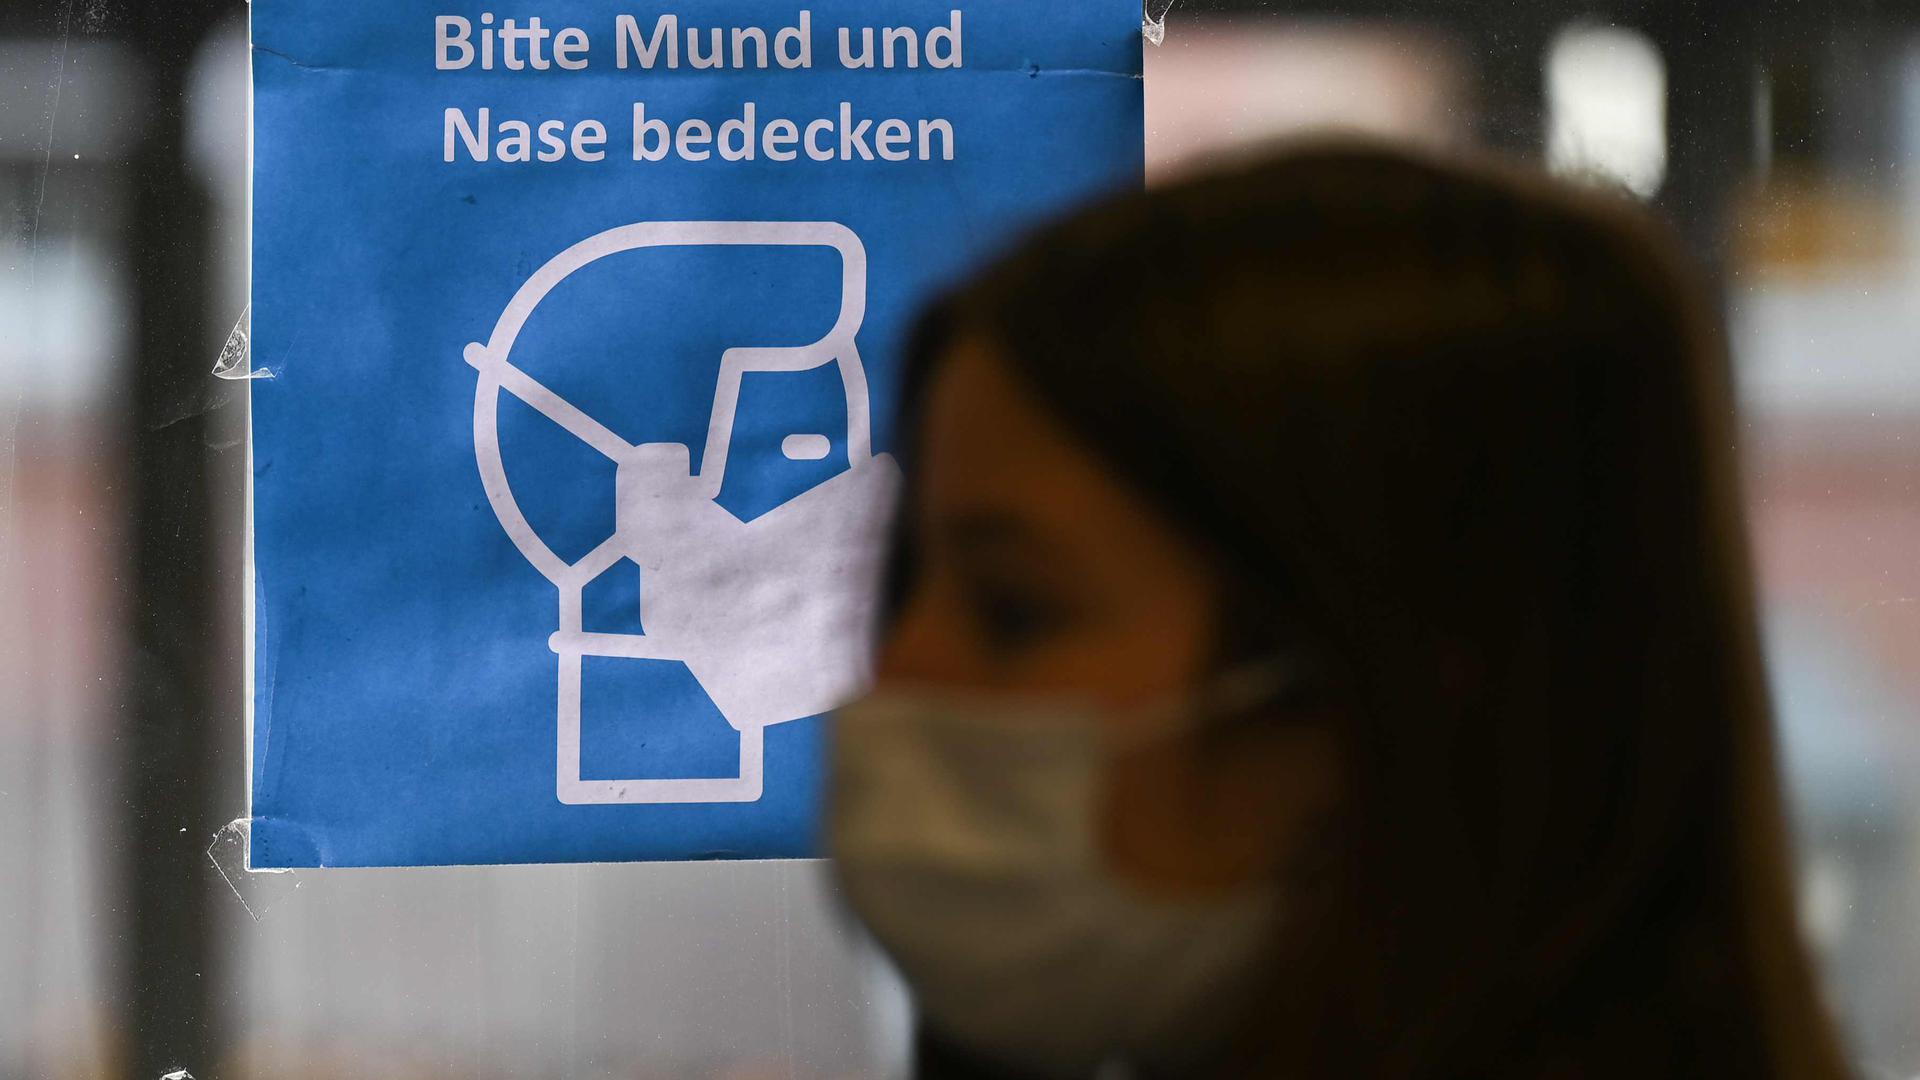 ILLUSTRATION - 07.10.2020, Rheinland-Pfalz, Mainz: Eine Frau, die einen Mund-Nasen-Schutz trägt, steht in einem Bus vor einem Plakat mit der Aufschrift «Bitte Mund und Nase bedecken». Ordnungsämter und Polizei haben in Rheinland-Pfalz die Einhaltung der coronabedingten Maskenpflicht in Geschäften, Bussen und Bahnen kontrolliert. (zu dpa «Kontrolltag: Kommunen und Polizei überprüfen Maskenpflicht») Foto: Arne Dedert/dpa +++ dpa-Bildfunk +++ | Verwendung weltweit